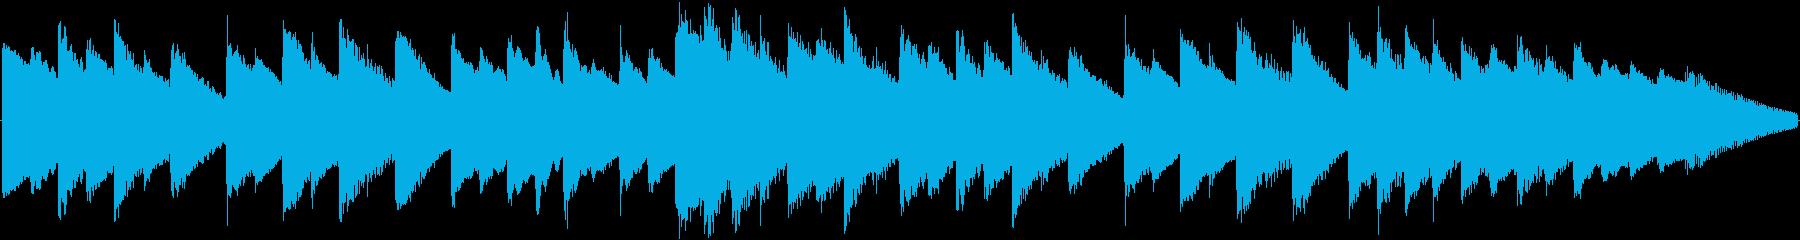 着信音などに使えるオルゴールBGMの再生済みの波形